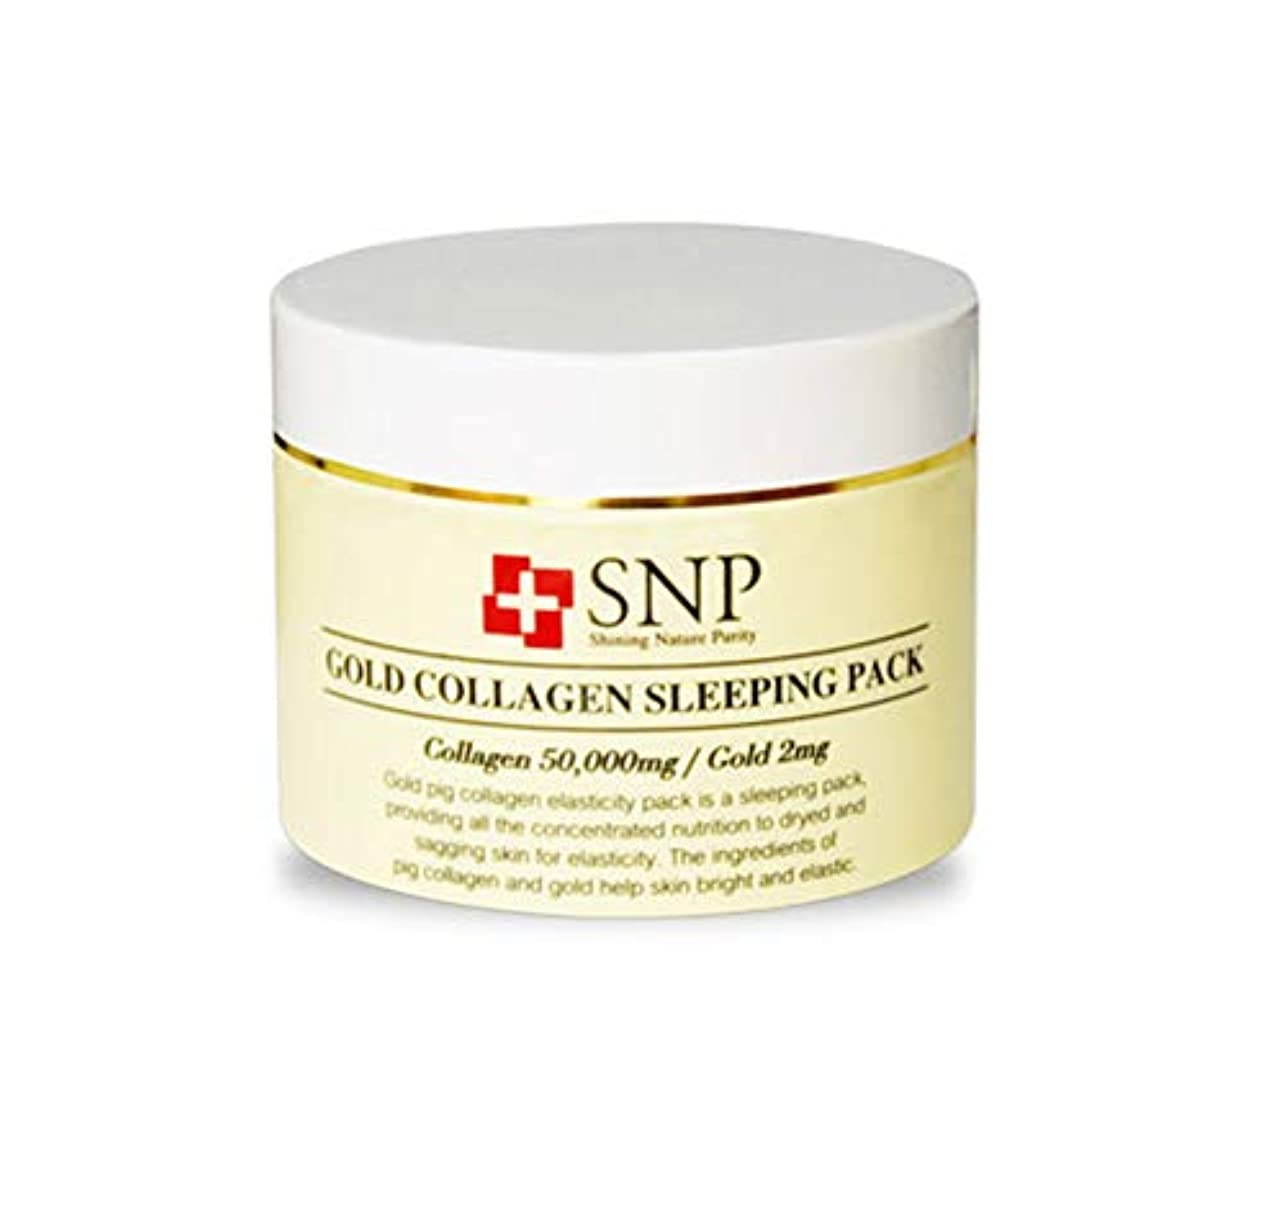 百万構想するかすかなエスエンピSNP 韓国コスメ ゴールドコラーゲンスリーピングパック睡眠パック100g 海外直送品 SNP Gold Collagen Sleeping Pack Night Cream [並行輸入品]